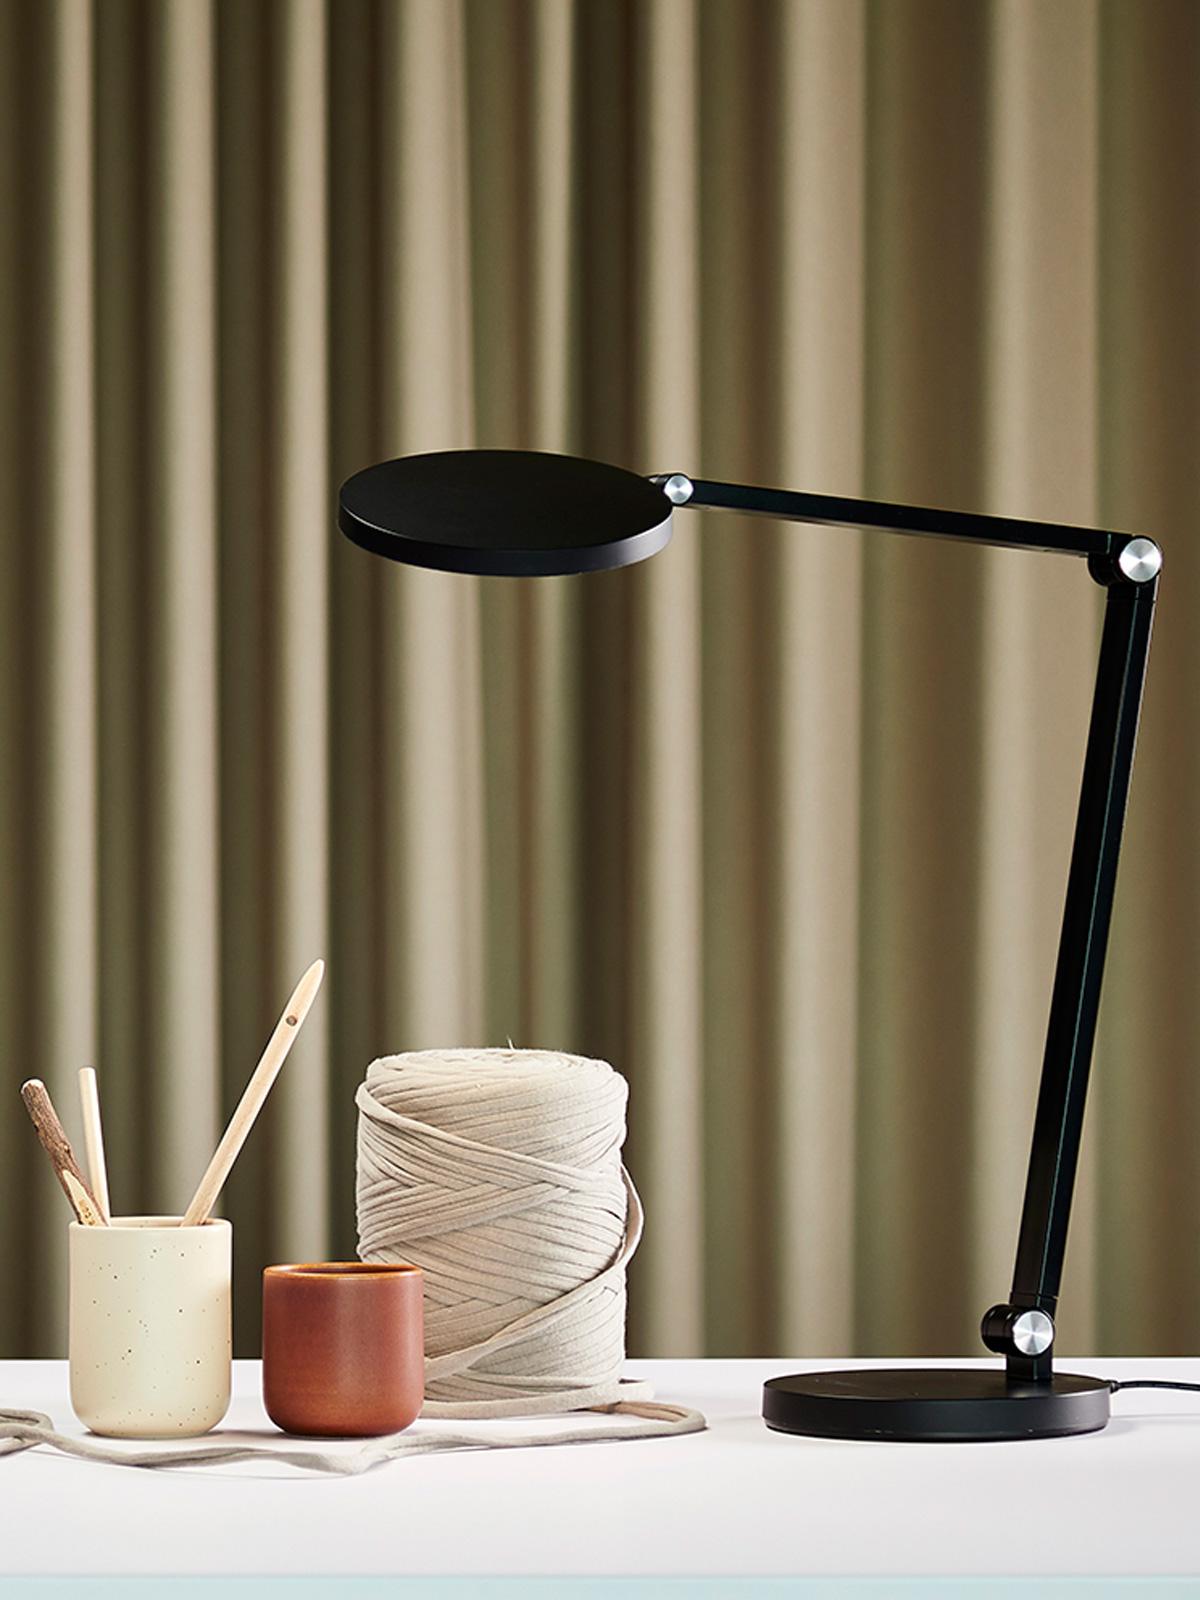 DesignOrt Blog: Desk Tischleuchte Frandsen Designort Berlin Lampen Onlineshop